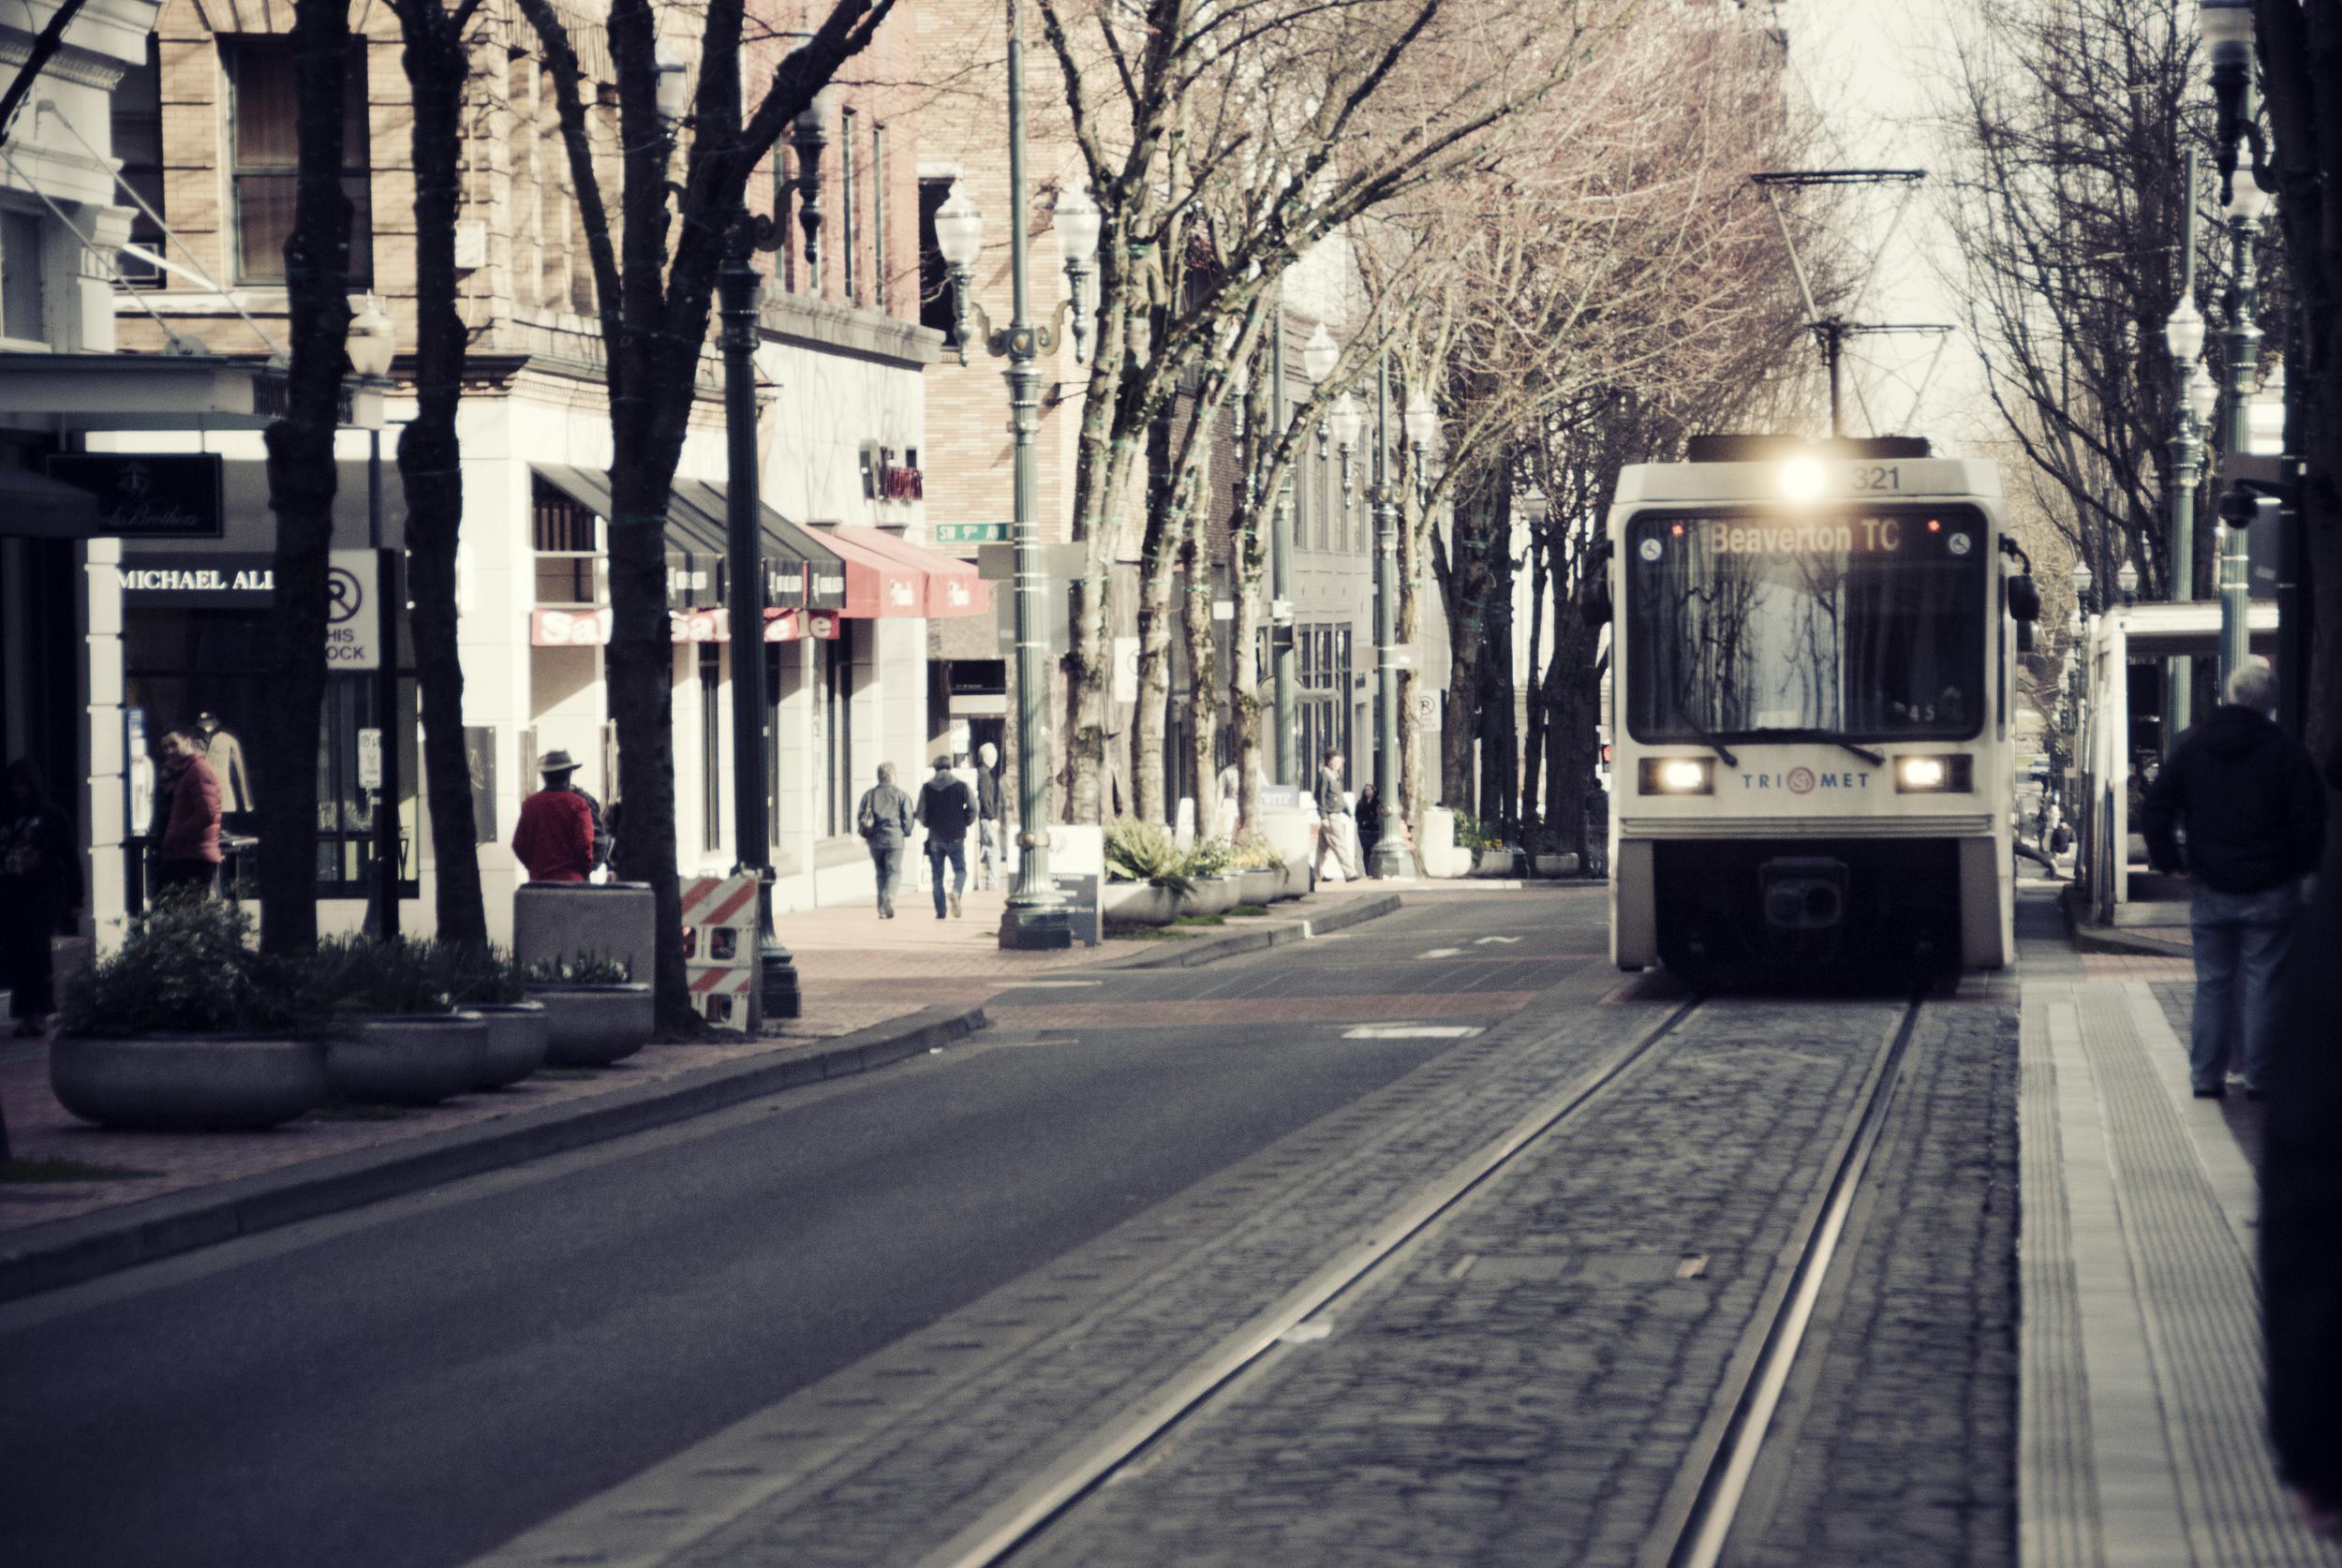 03_public transportation.jpg